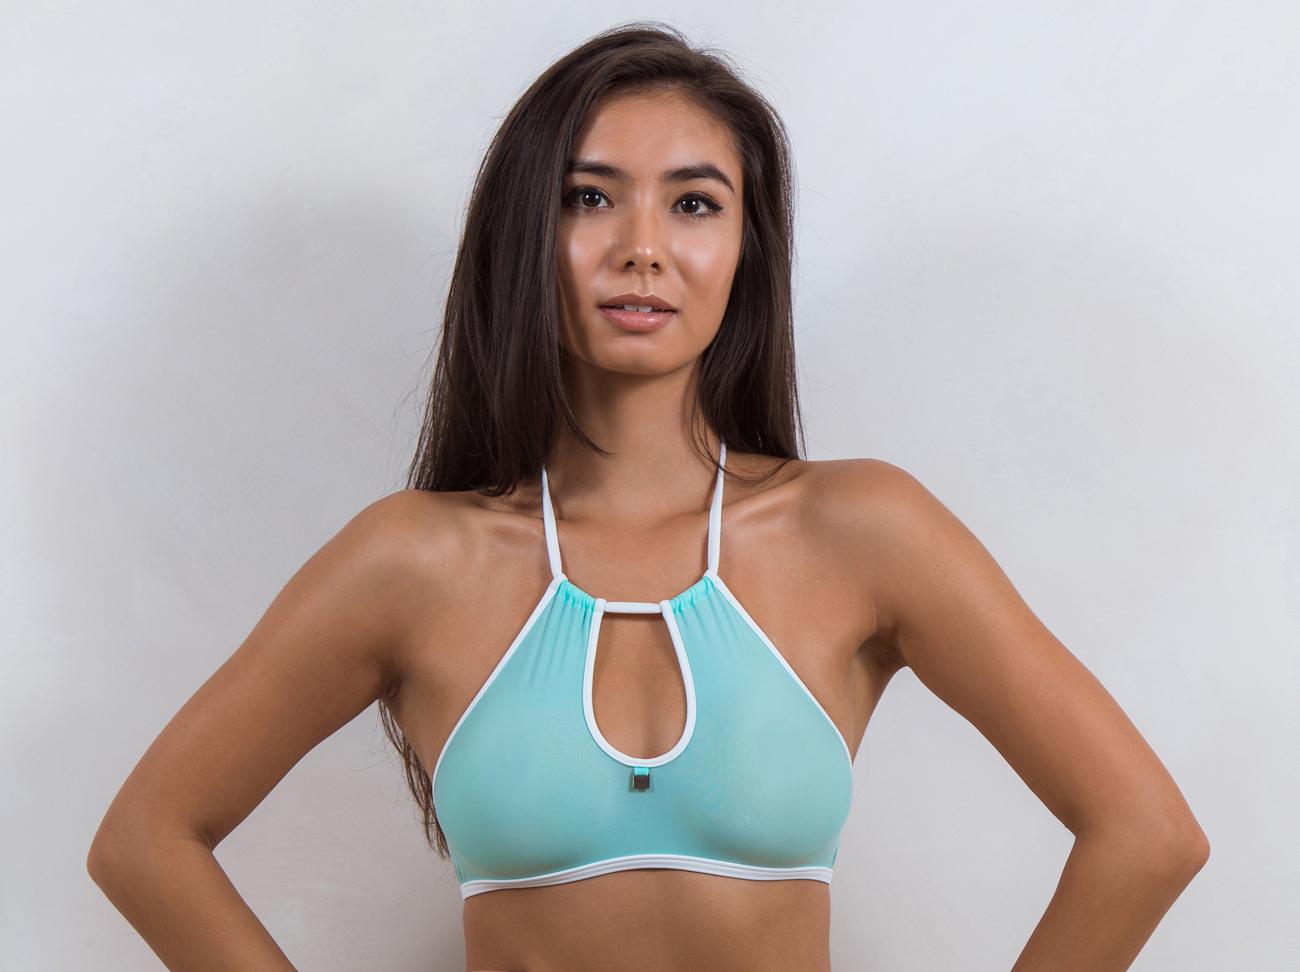 JESSICA-11-5-17